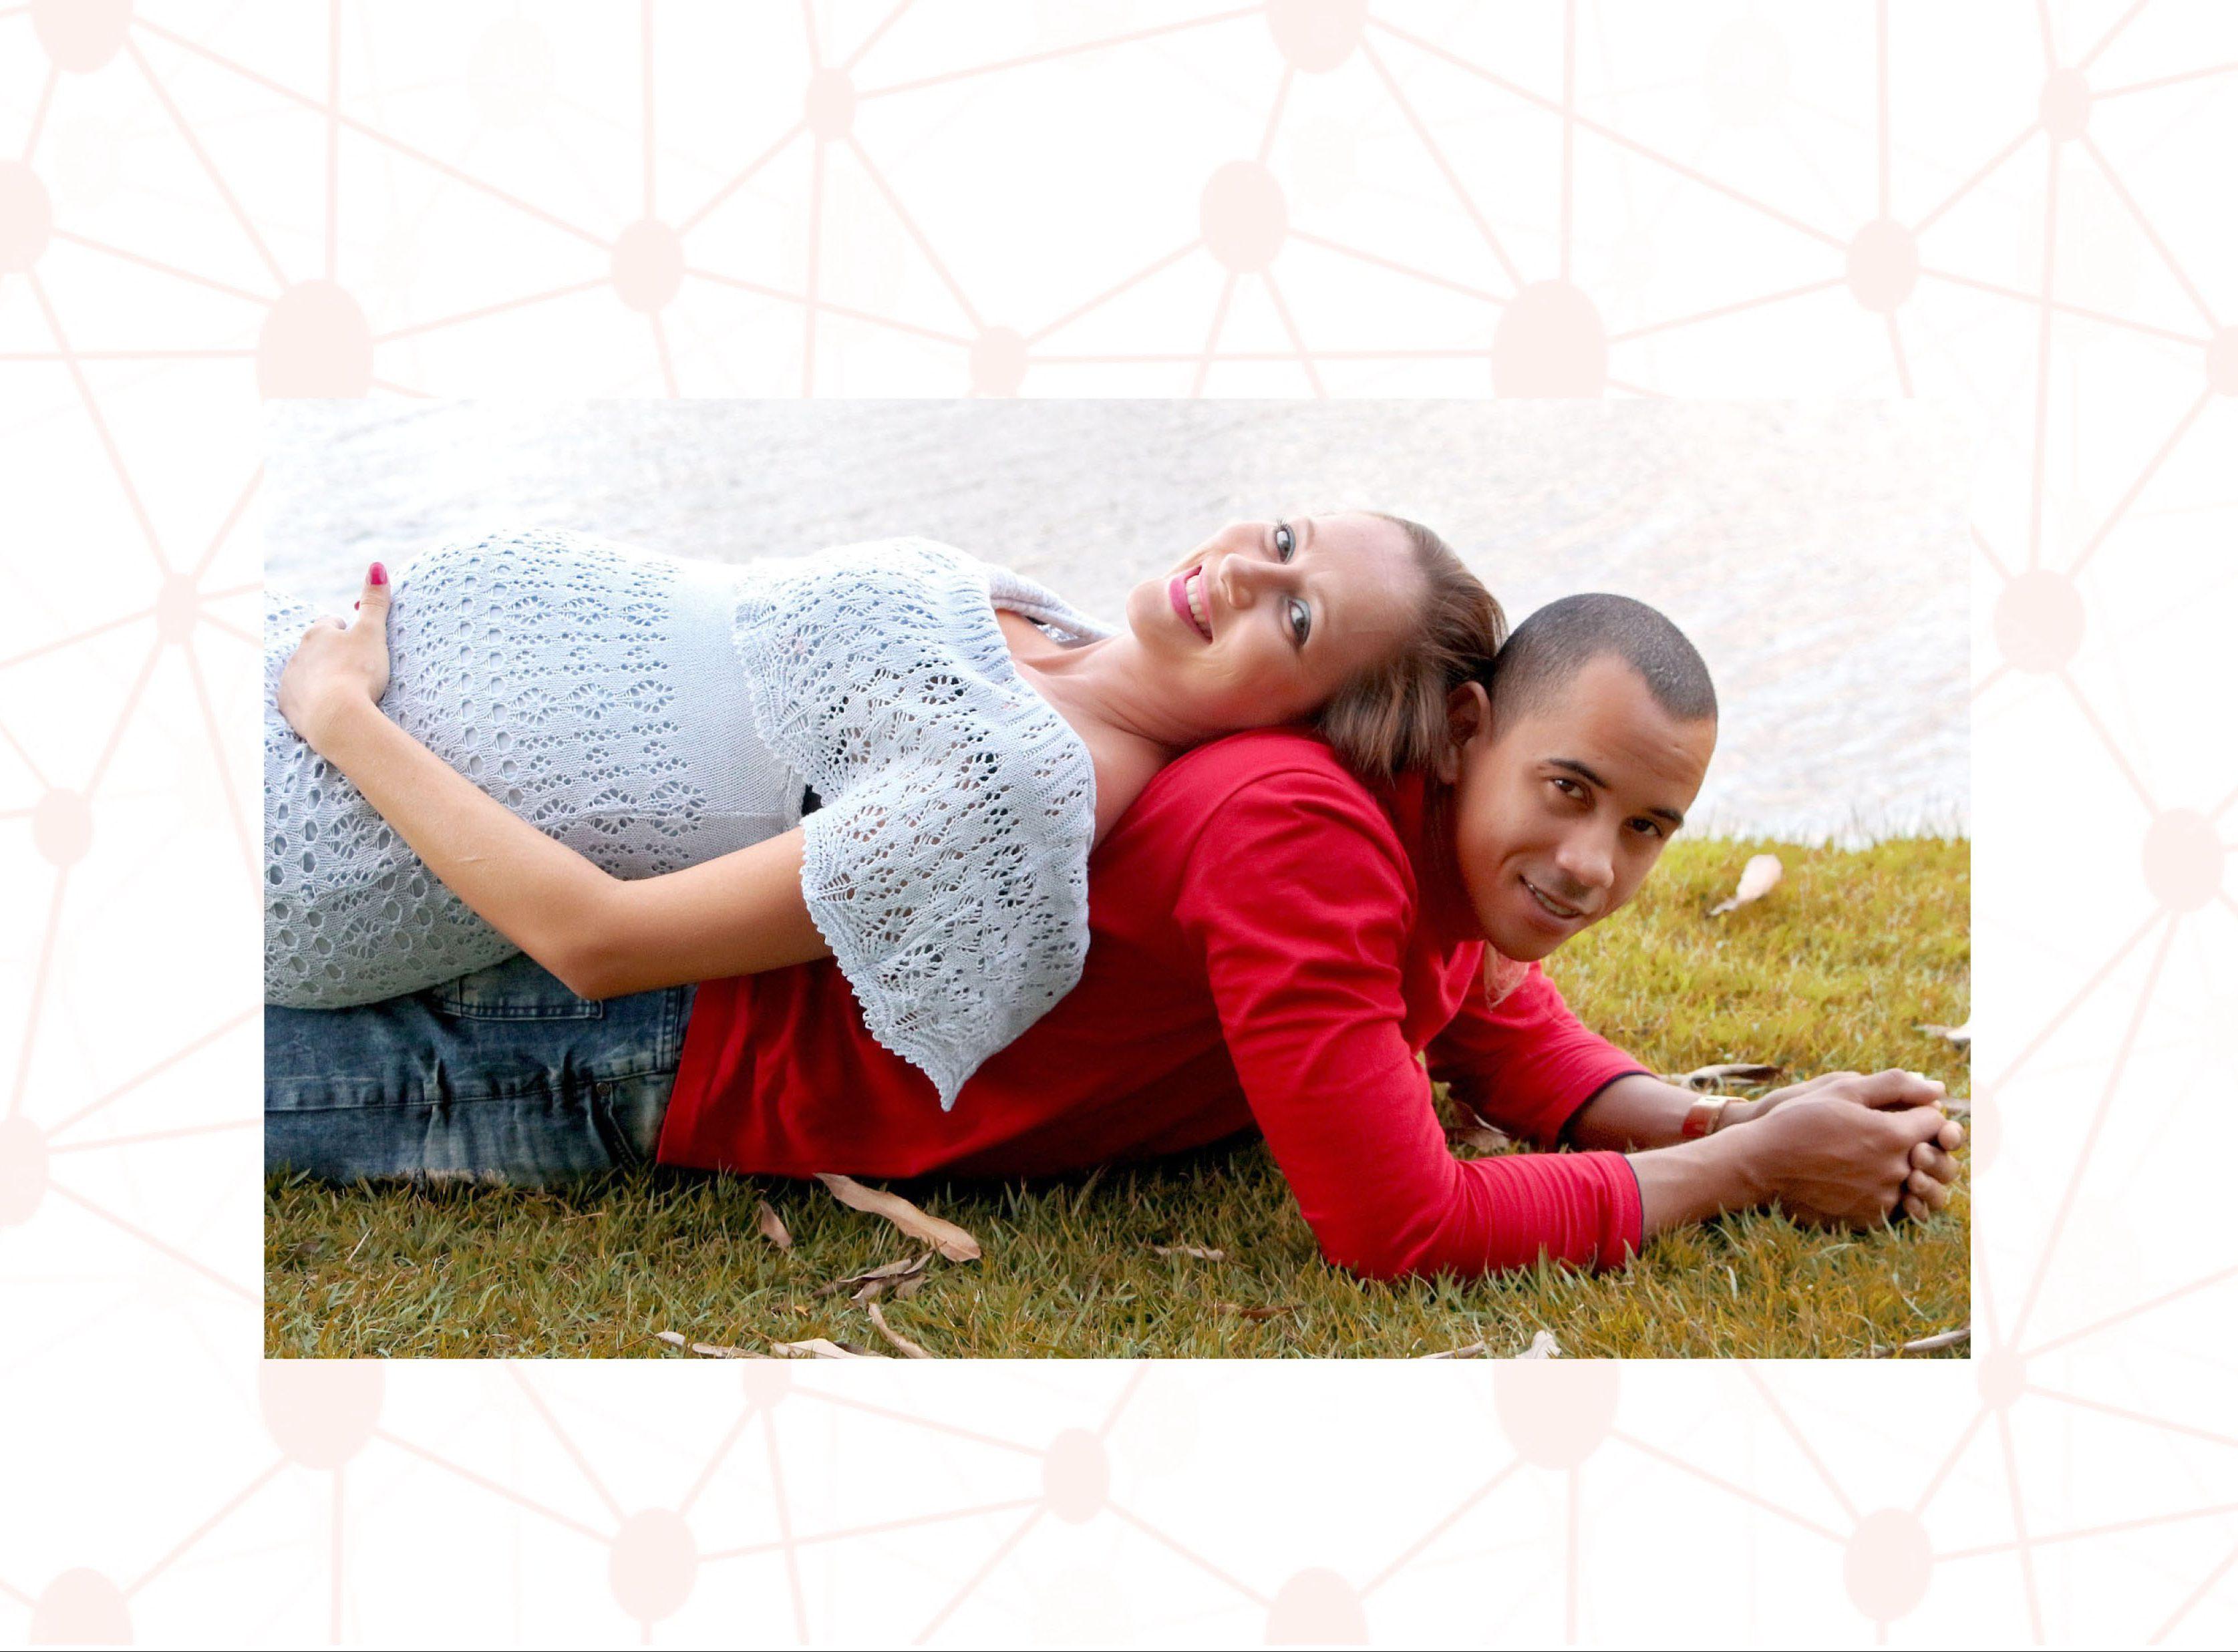 Esclerose Múltipla a 2: Sexualidade e Gravidez em tertúlia